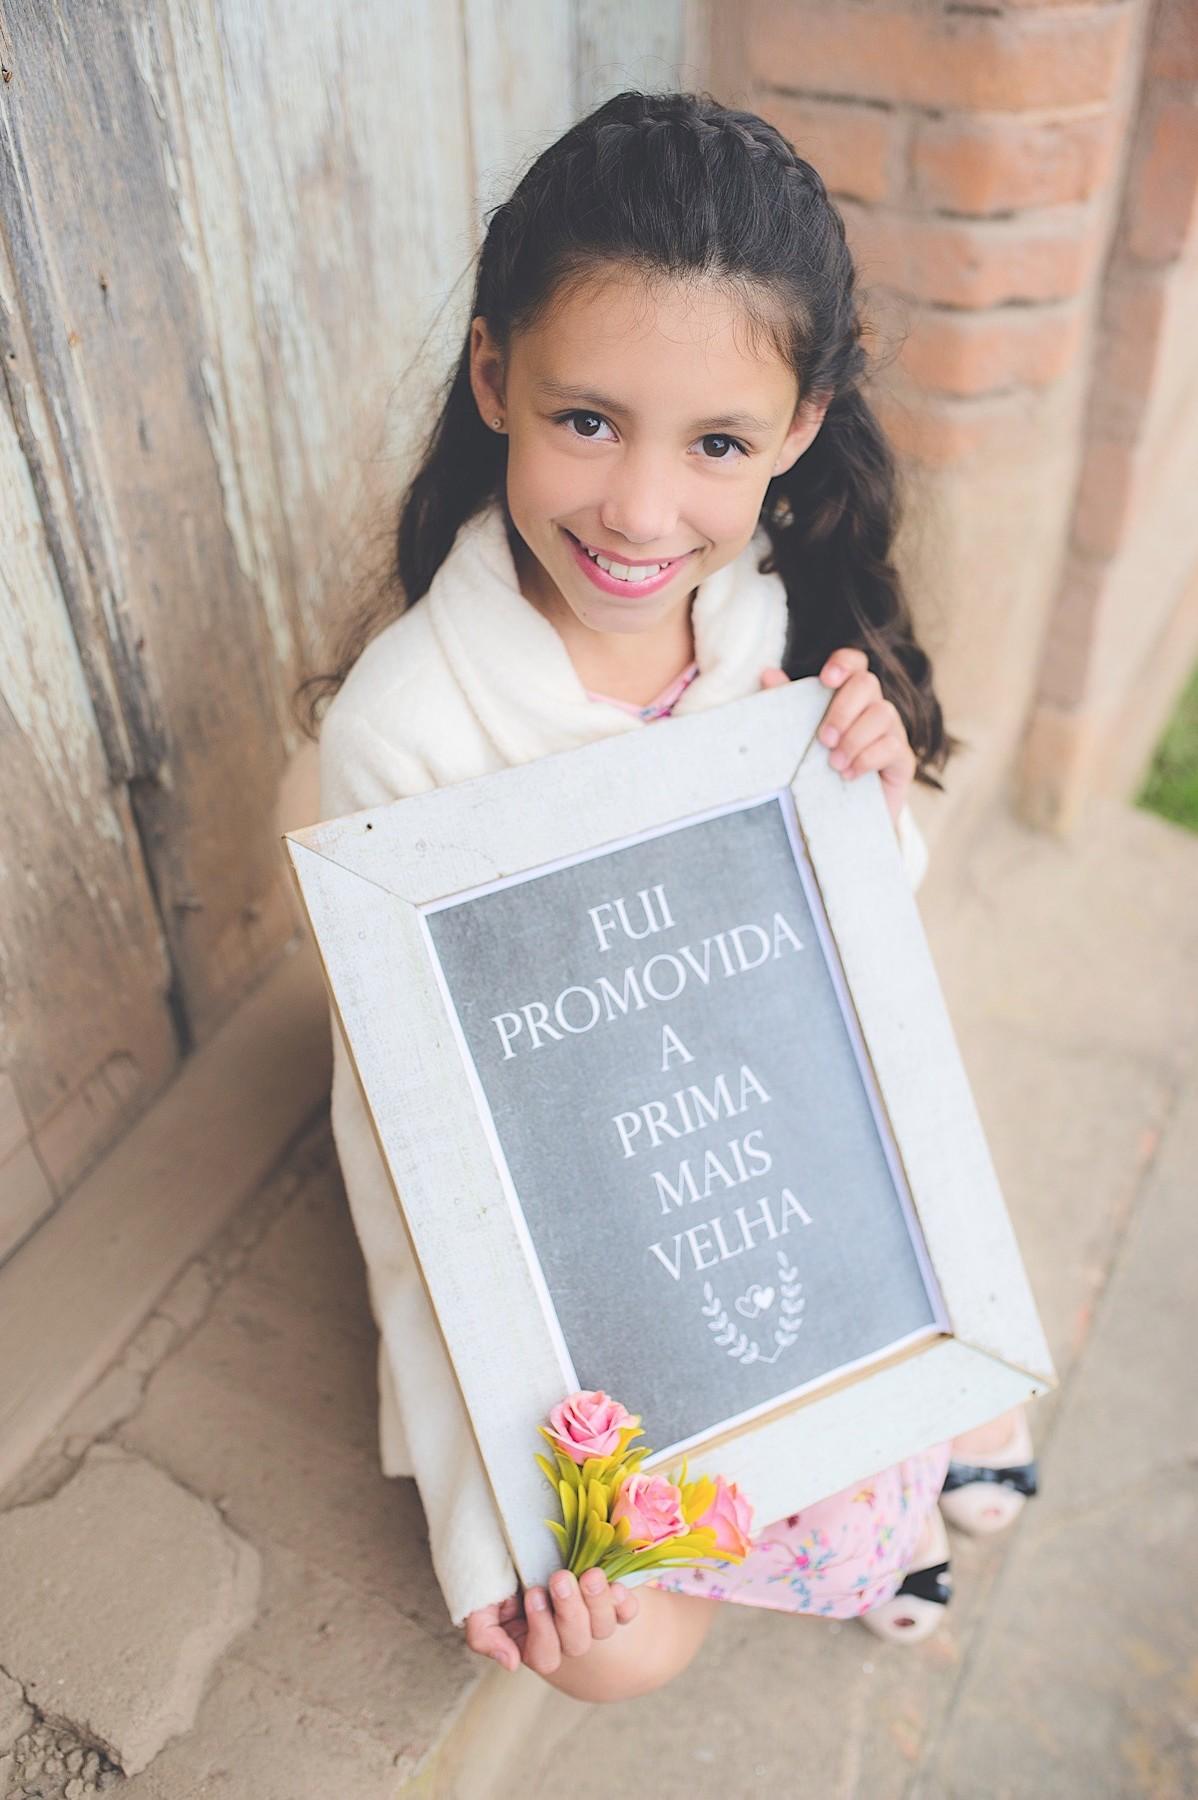 ensaio gestante - ensaio de fotógrafos - mãe de menina - lorena - são bento do sul - chroma fotografia